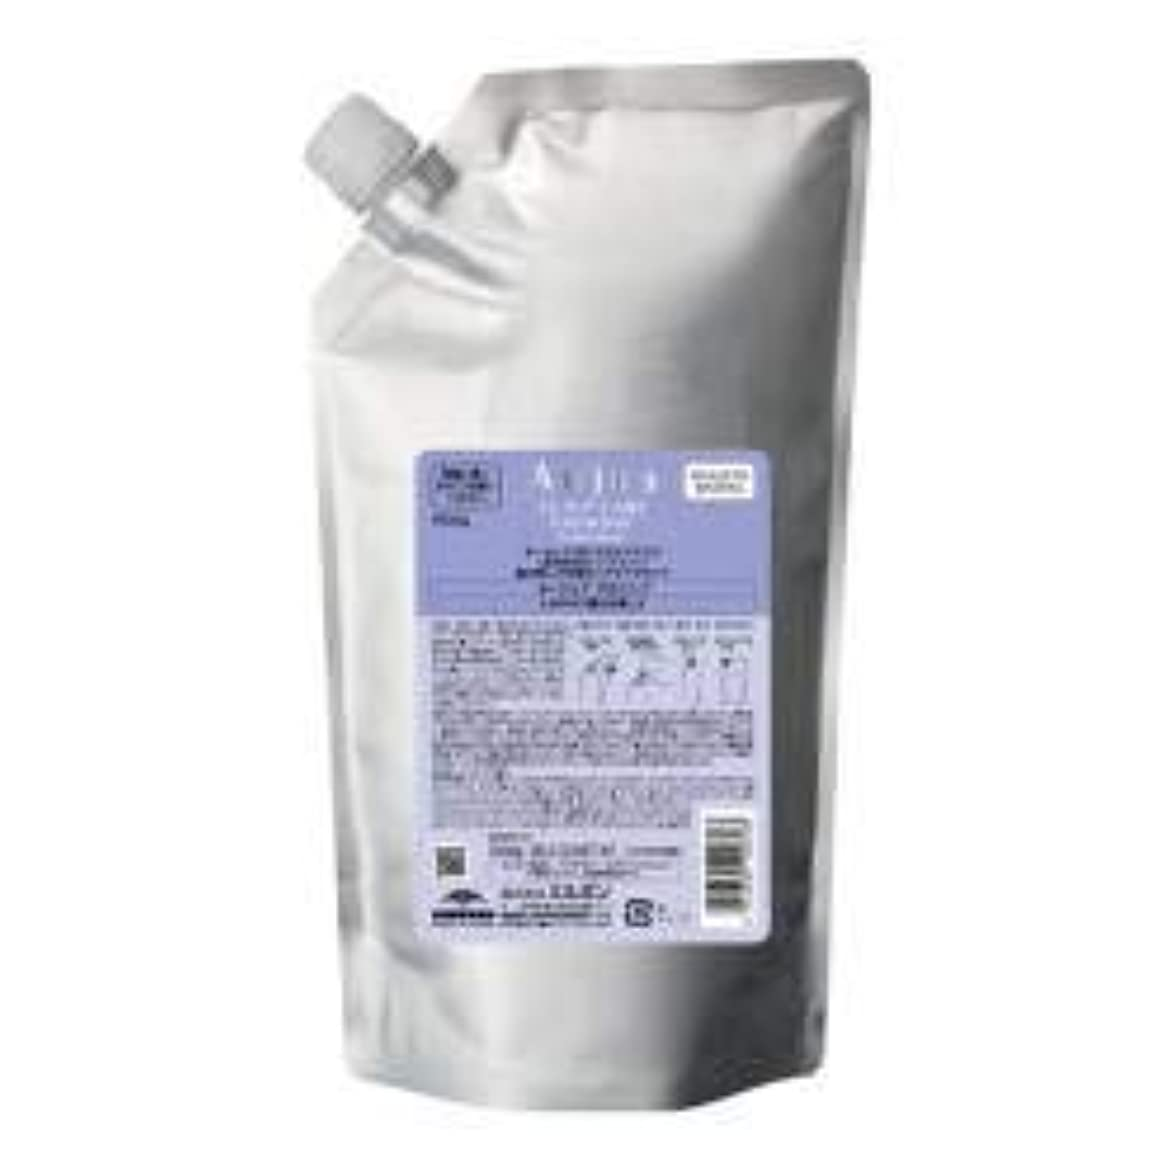 朝バンガロー余分なオージュア GR グロウシブ スカルプマスク(医薬部外品)(1kg)